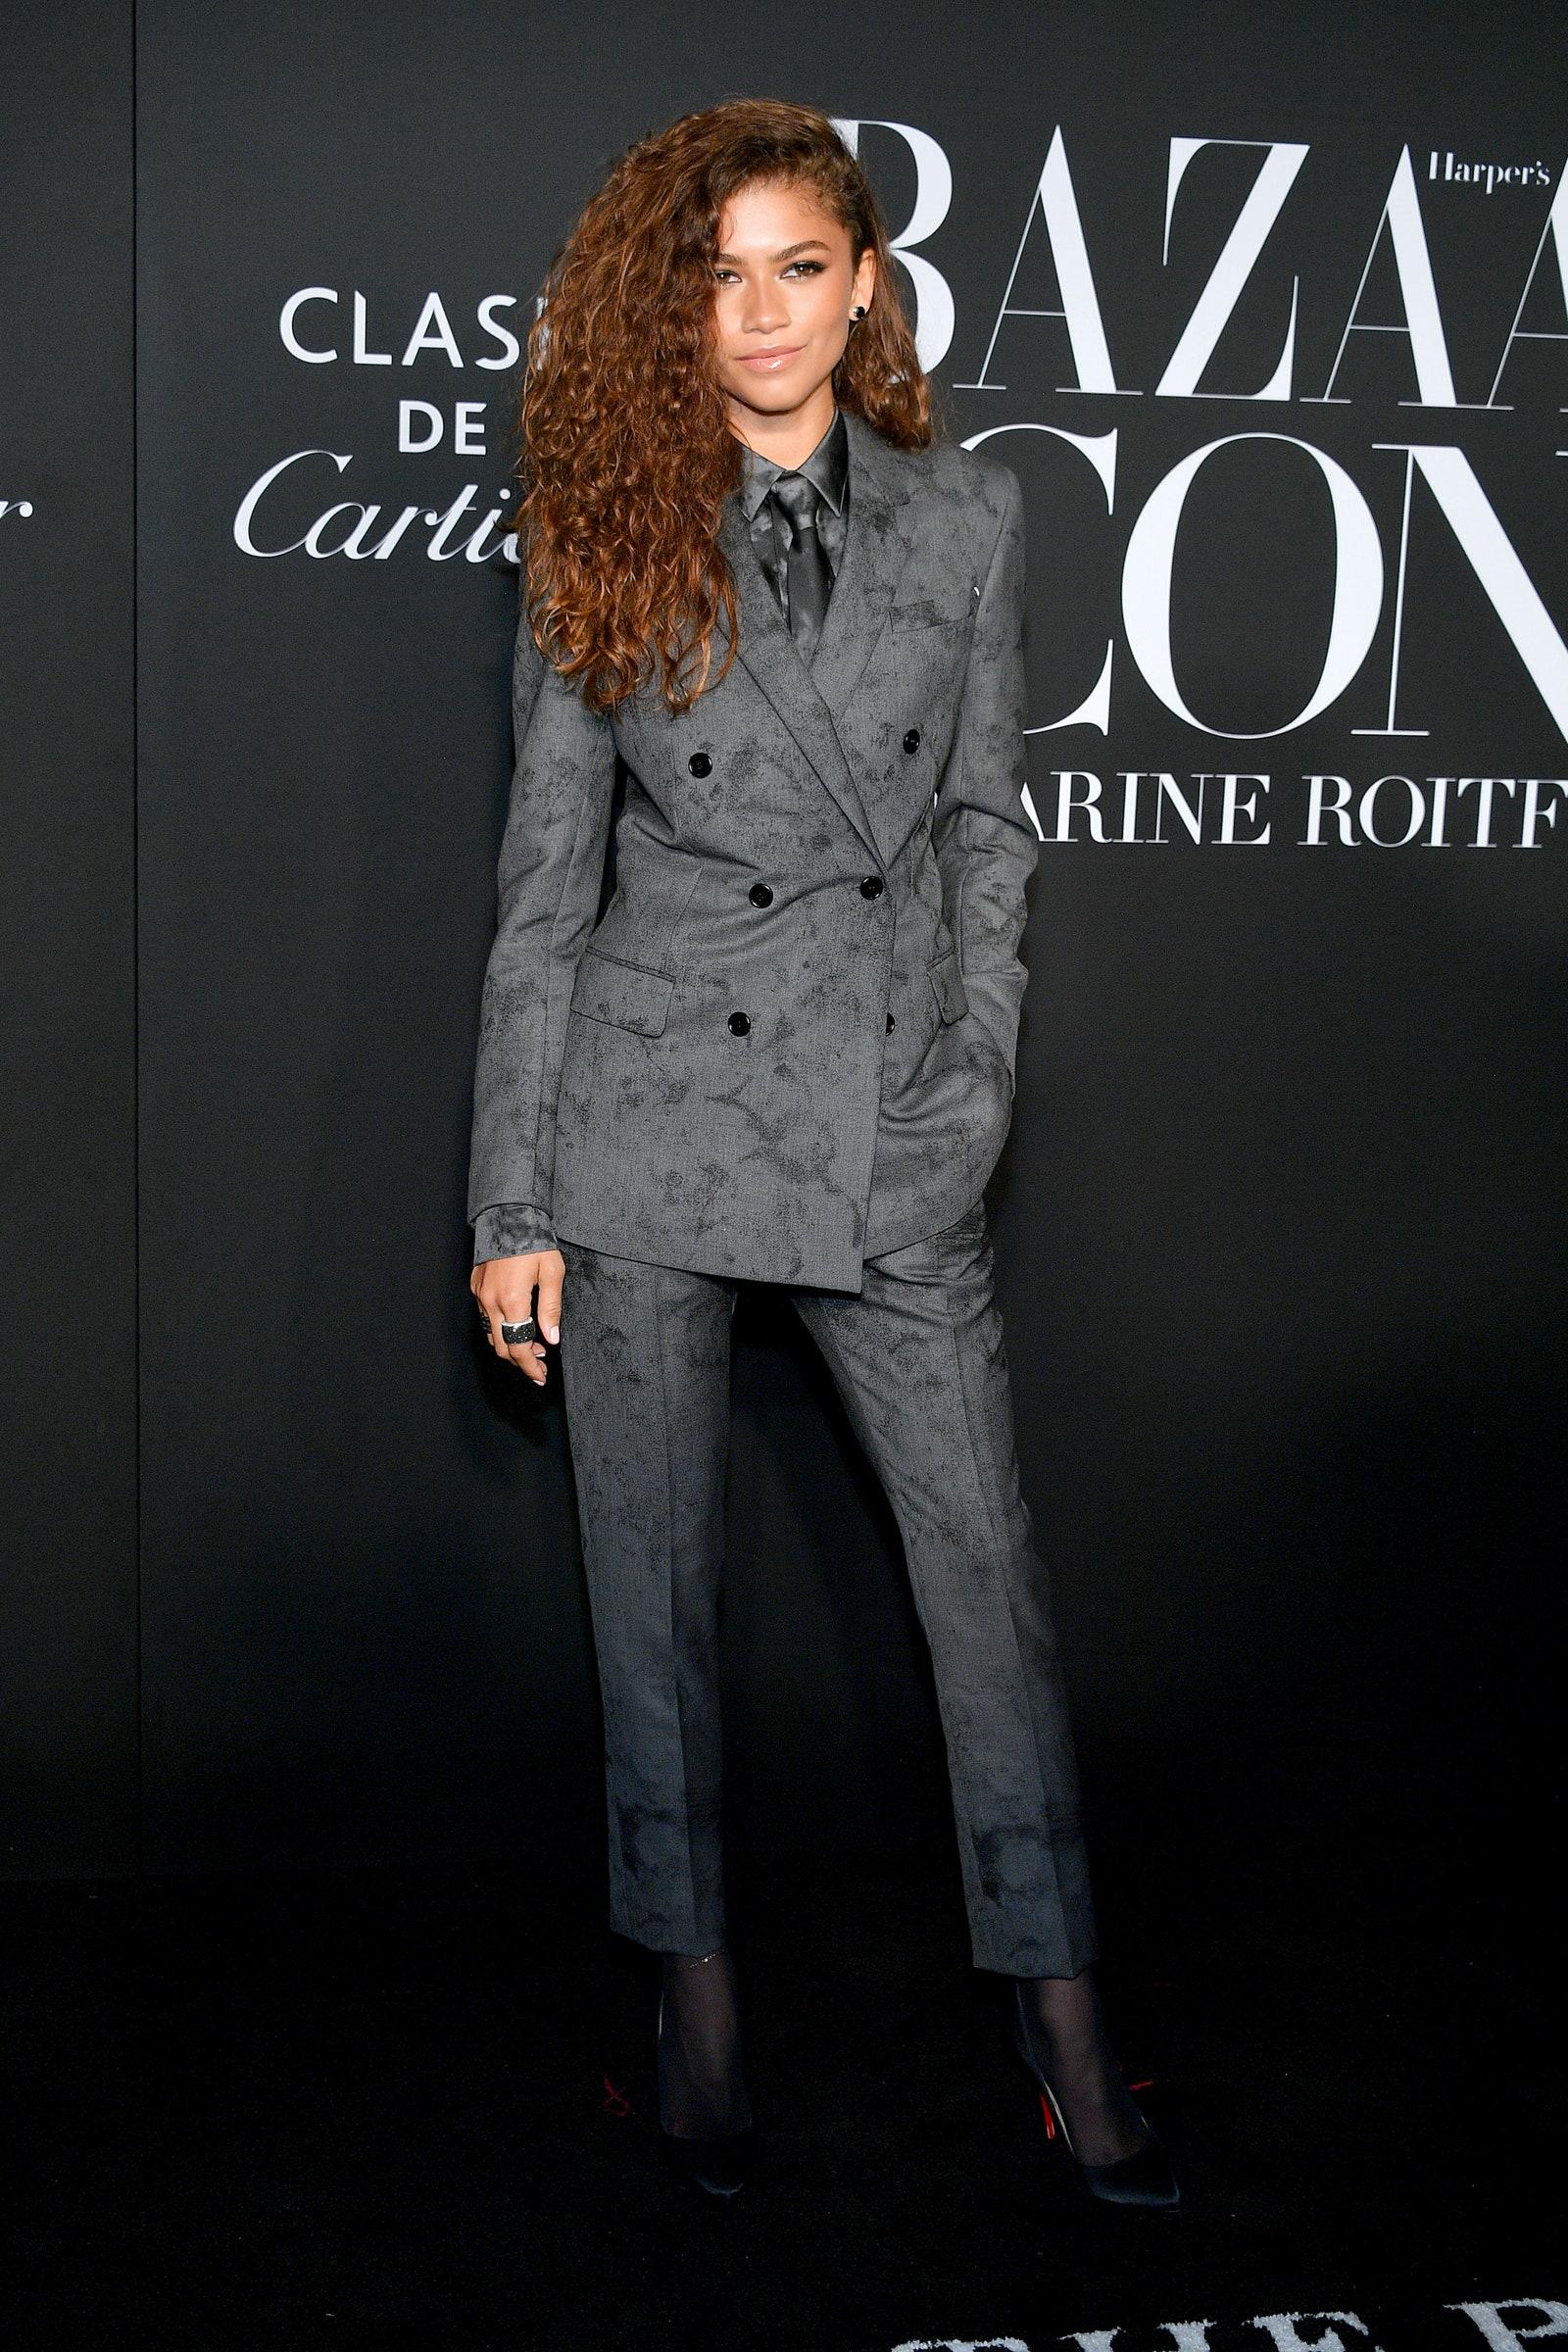 zendaya in a grey suit